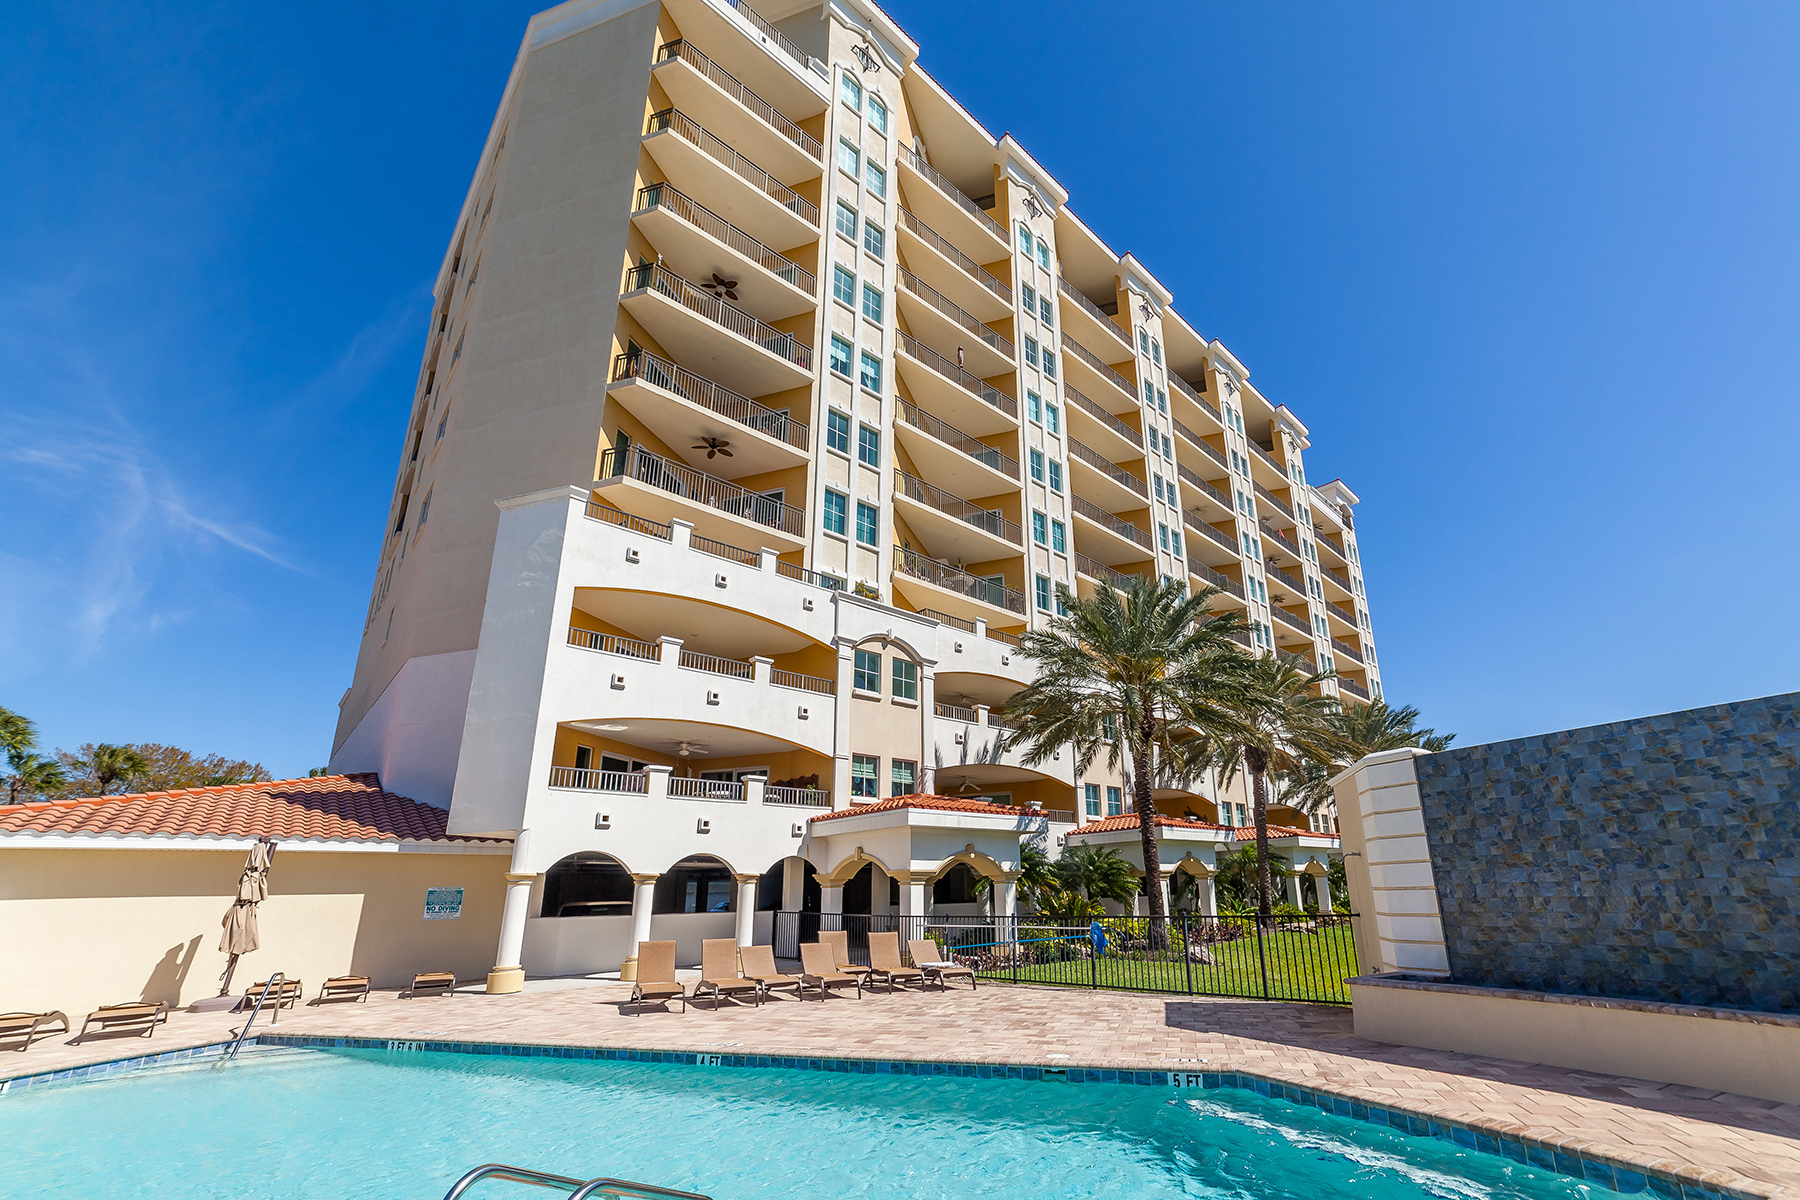 コンドミニアム のために 売買 アット THE PALMS AT RIVIERA DUNES 501 Haben Blvd 503 Palmetto, フロリダ, 34221 アメリカ合衆国